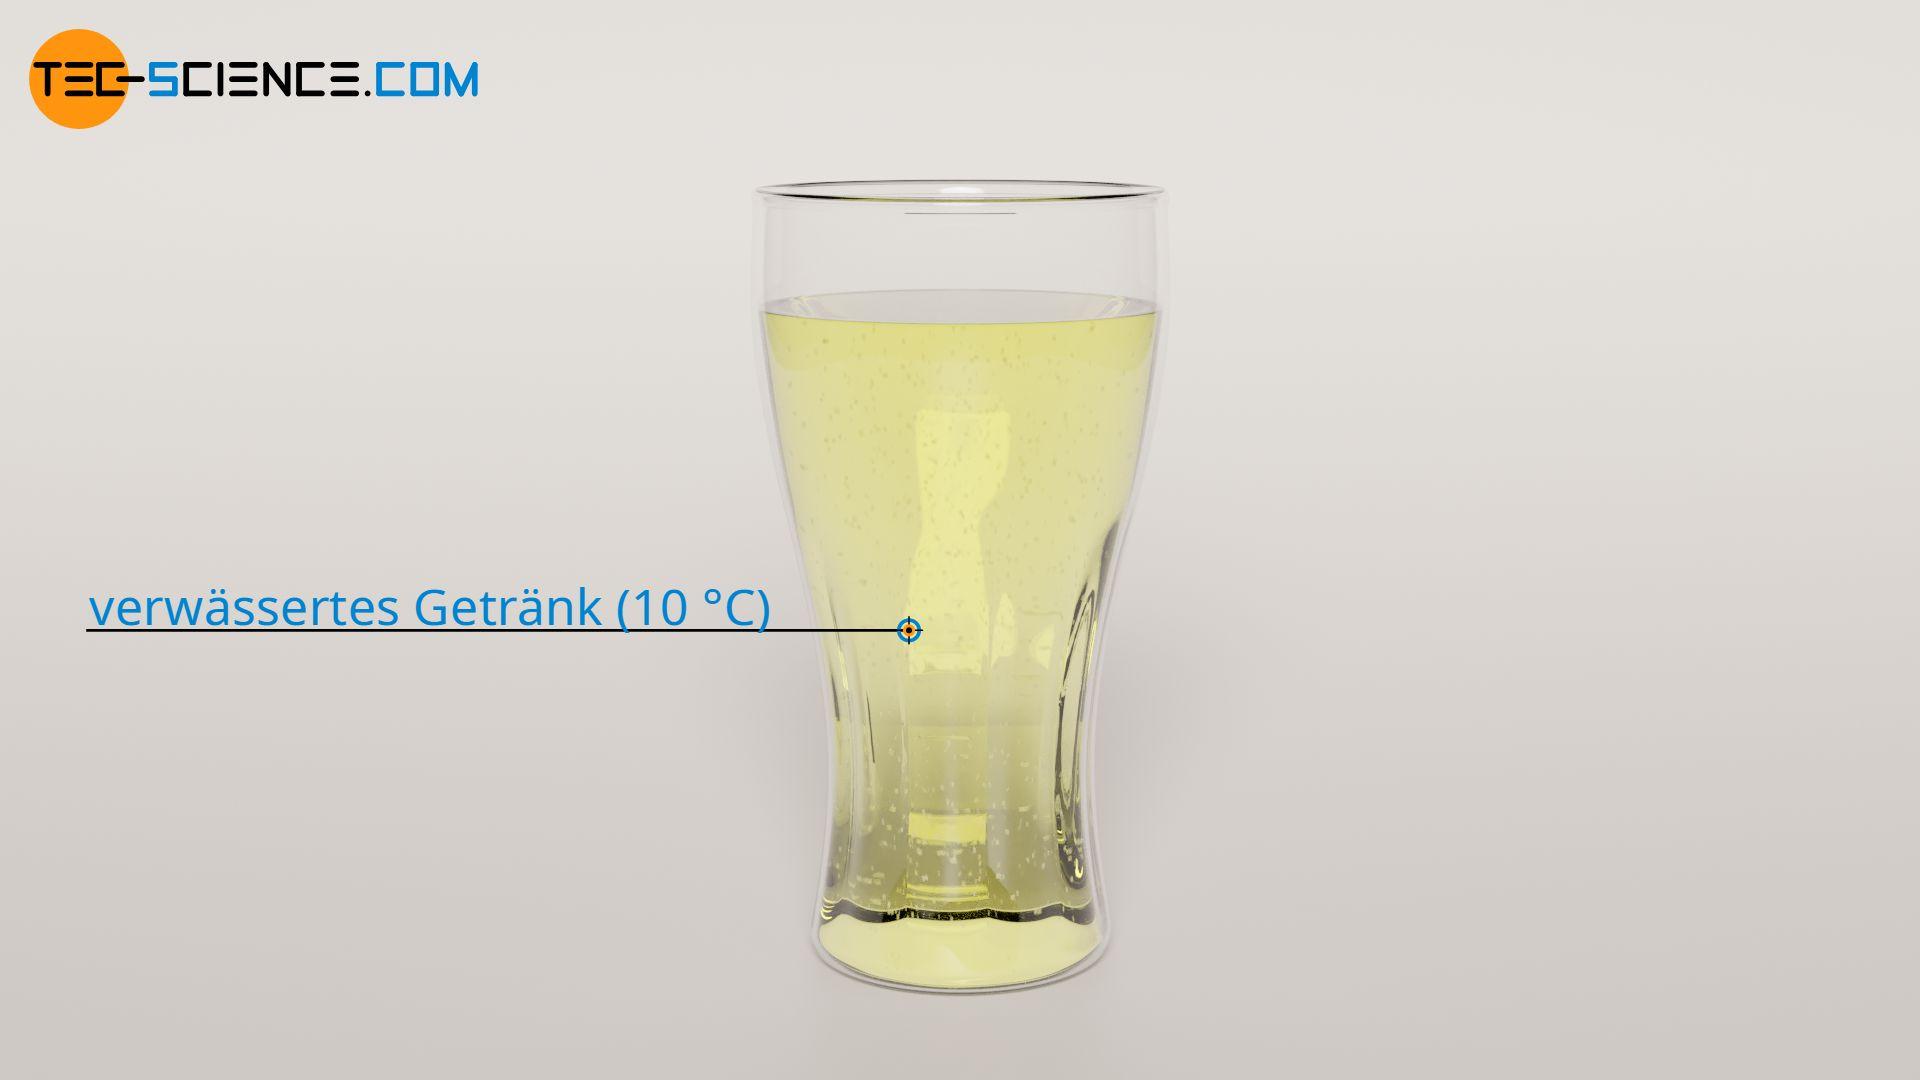 Verwässertes Getränk durch die geschmolzenen Eiswürfel